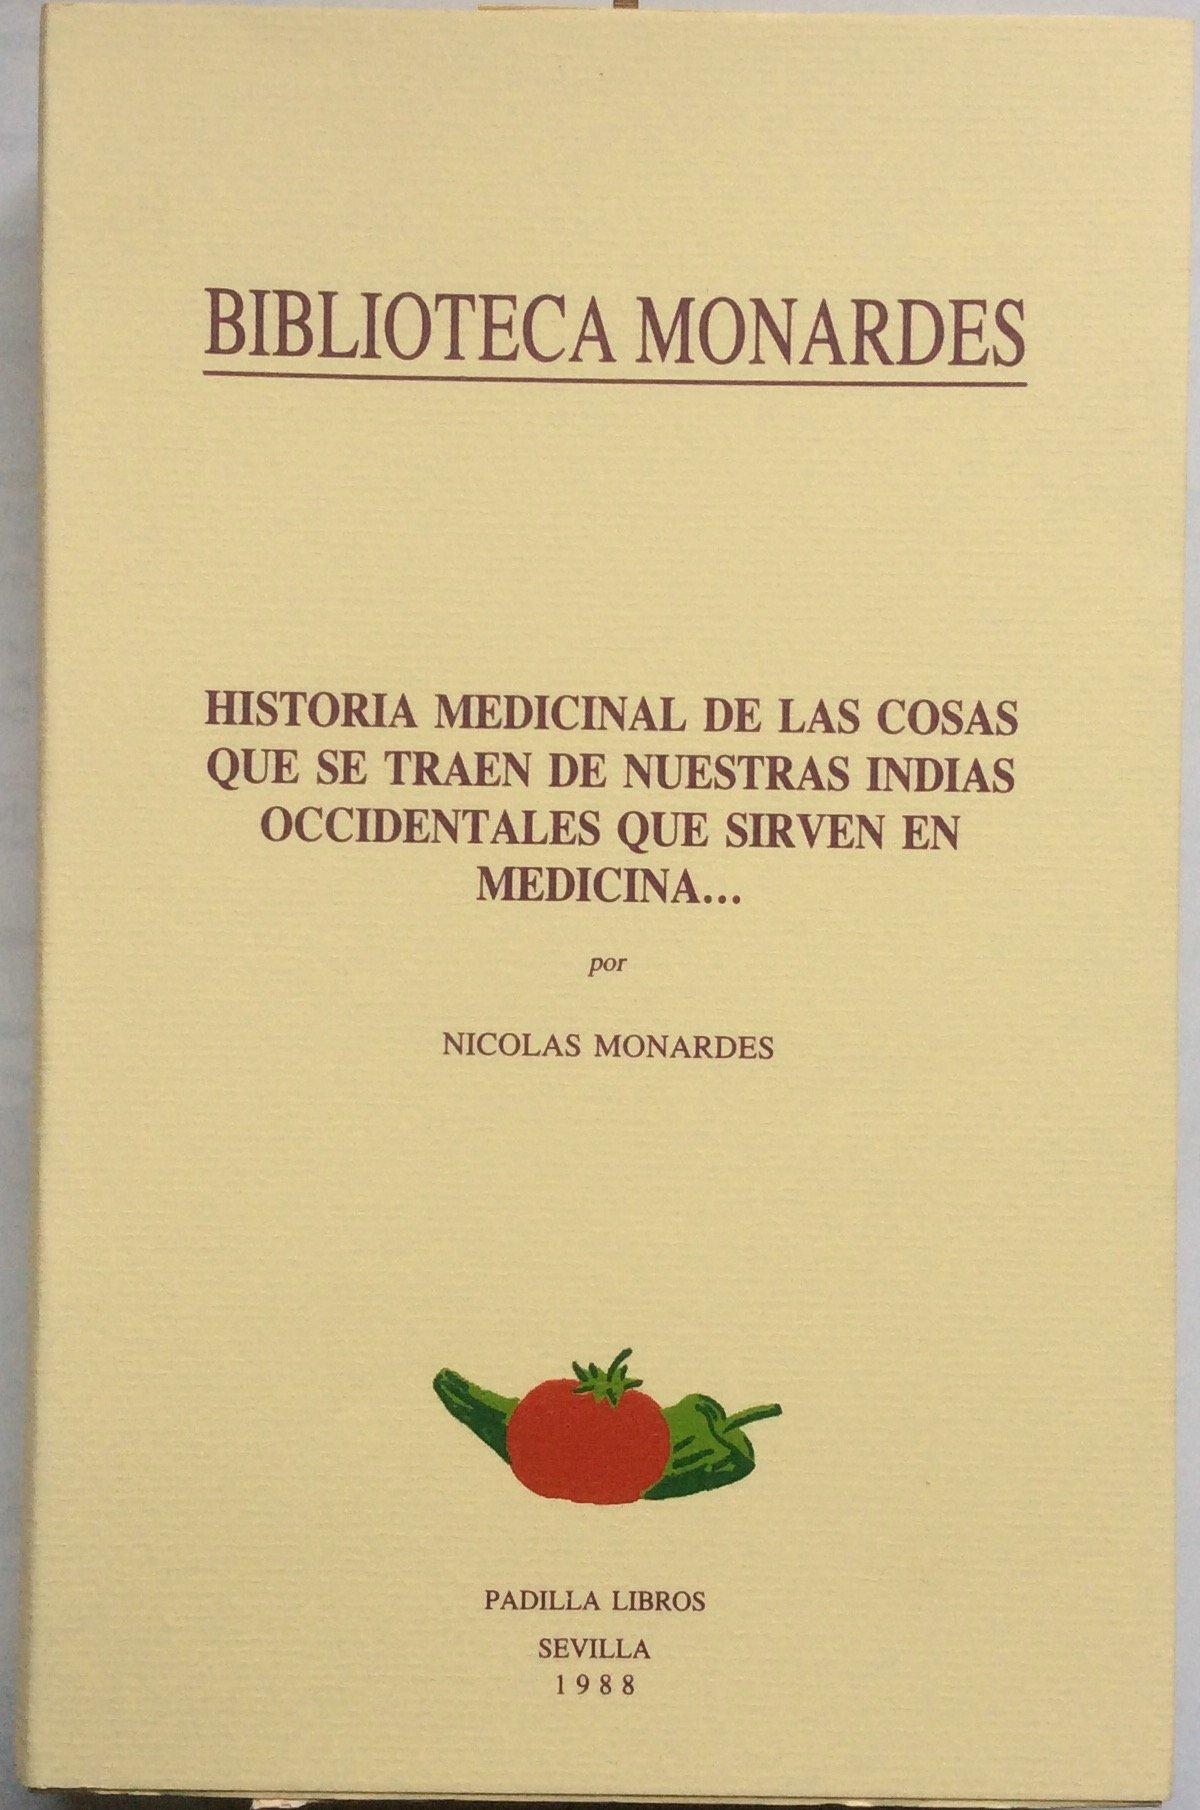 Historia medicinal de las cosas quese traen de nuestras indias occidentales que sirven de medicina: Amazon.es: Nicolas Monardes: Libros